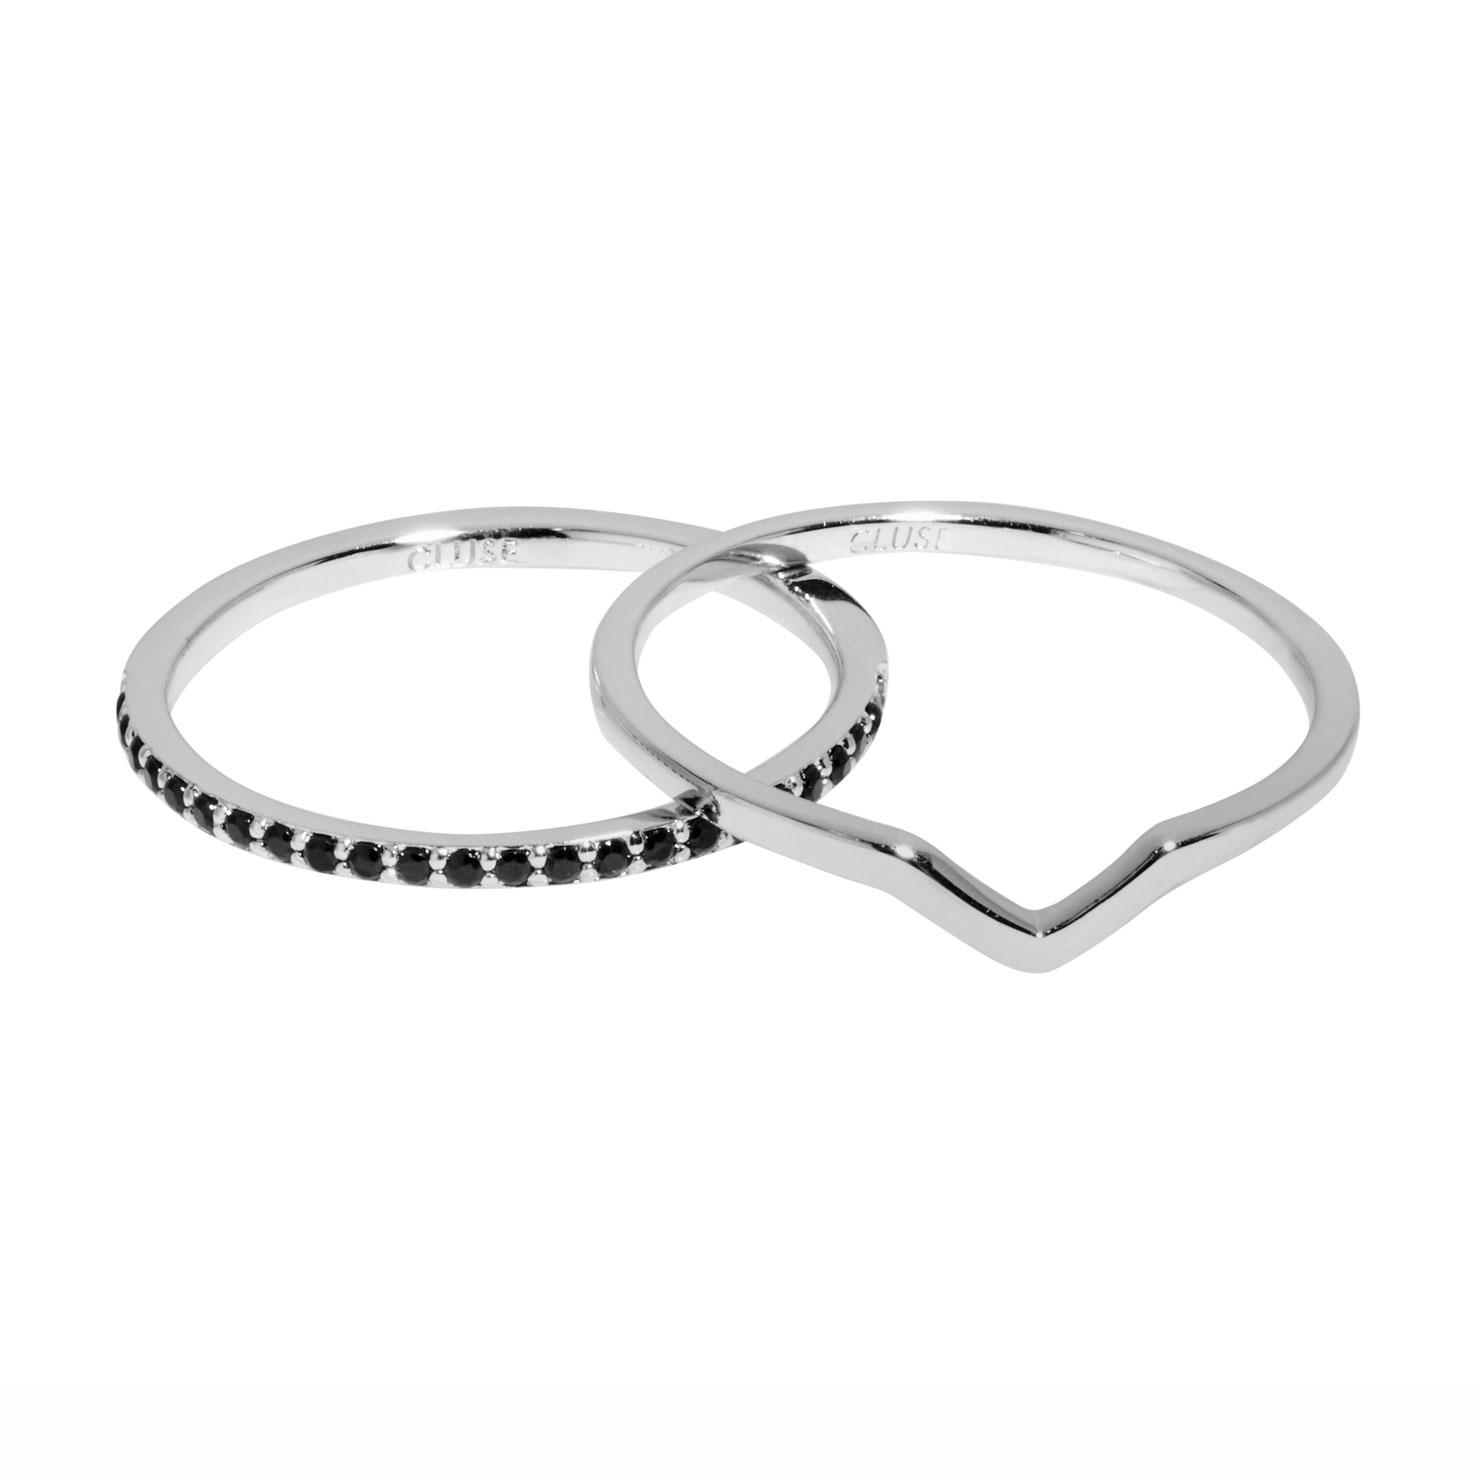 Afbeelding van CLUSE Essentielle Set Chevron and Black Crystal Ring CLJ42004 52 (Maat: 52)